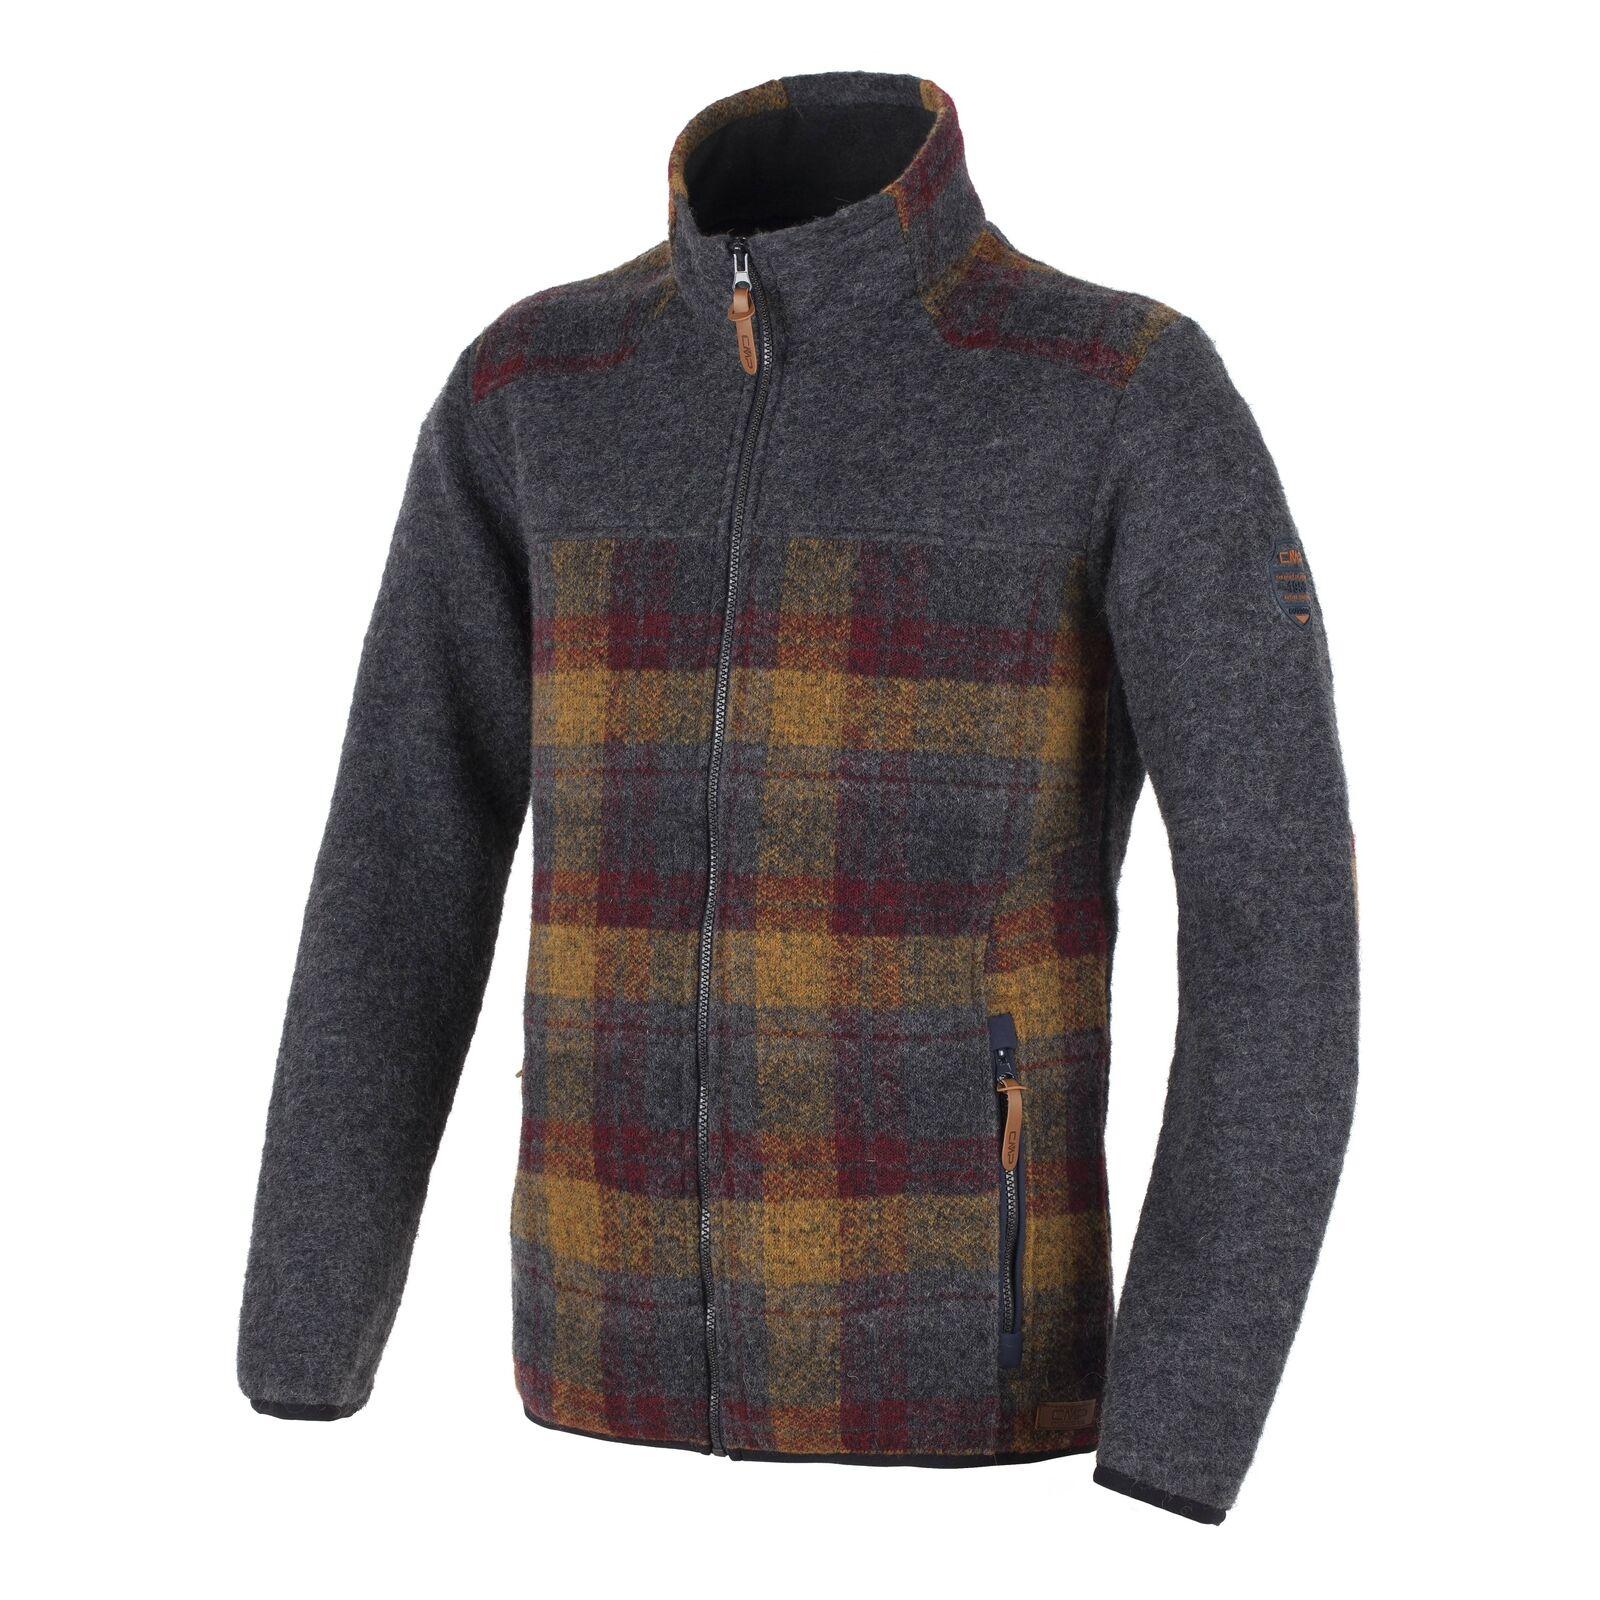 CMP Maglia giacca transizione giacca lana Marroneee collo termoisolante